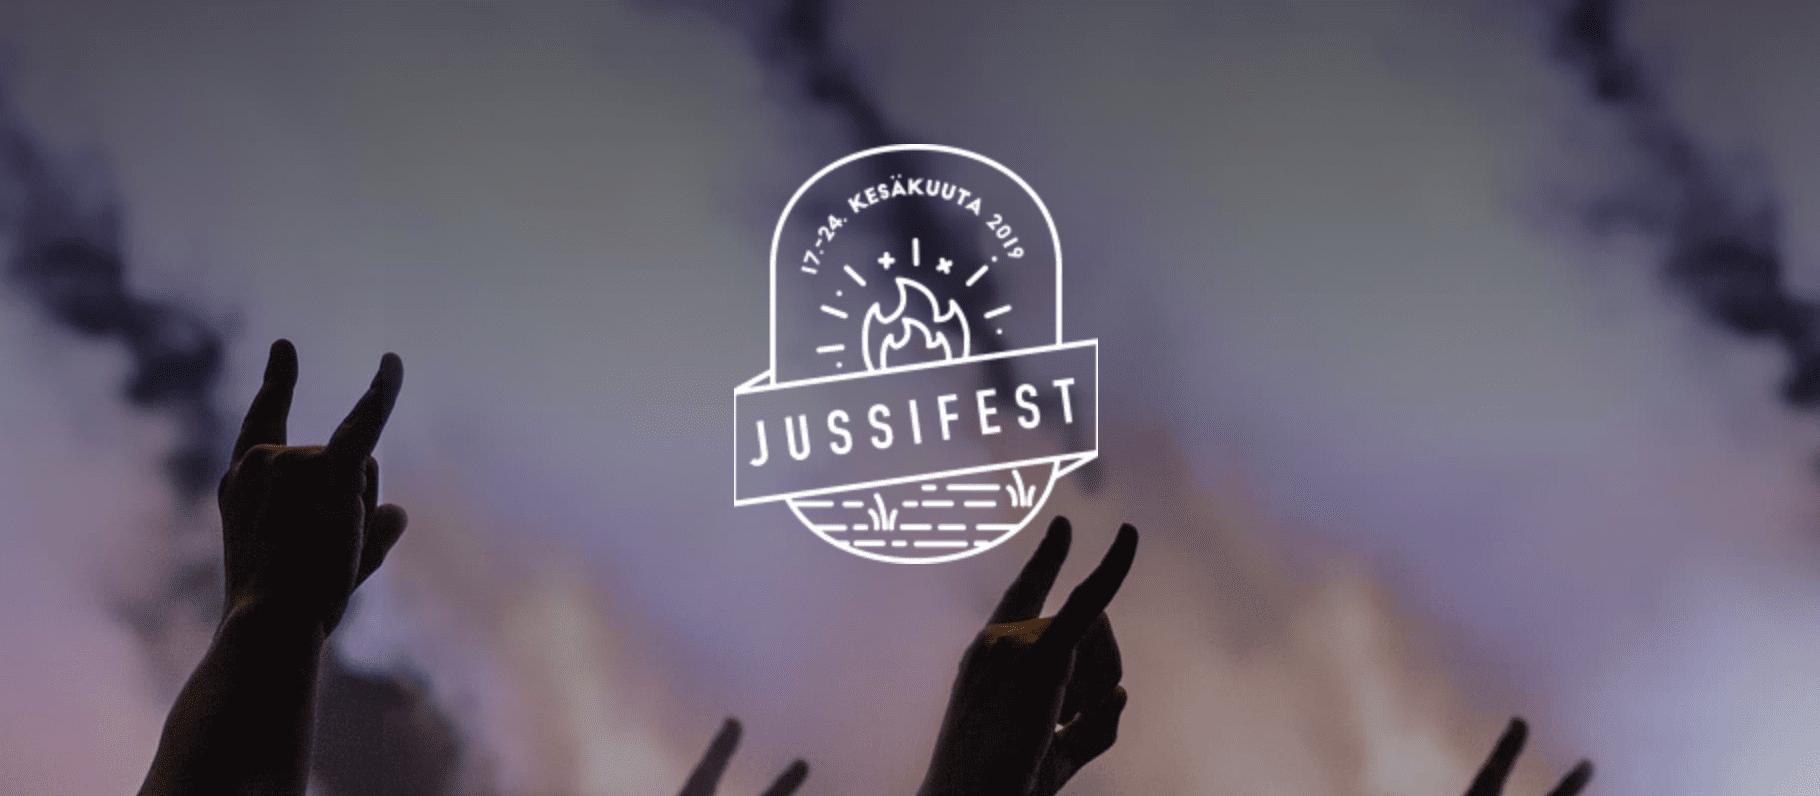 Jussifest 2019 - Nappaa ilmaiskierrokset aina kun Ruotsissa sataa!